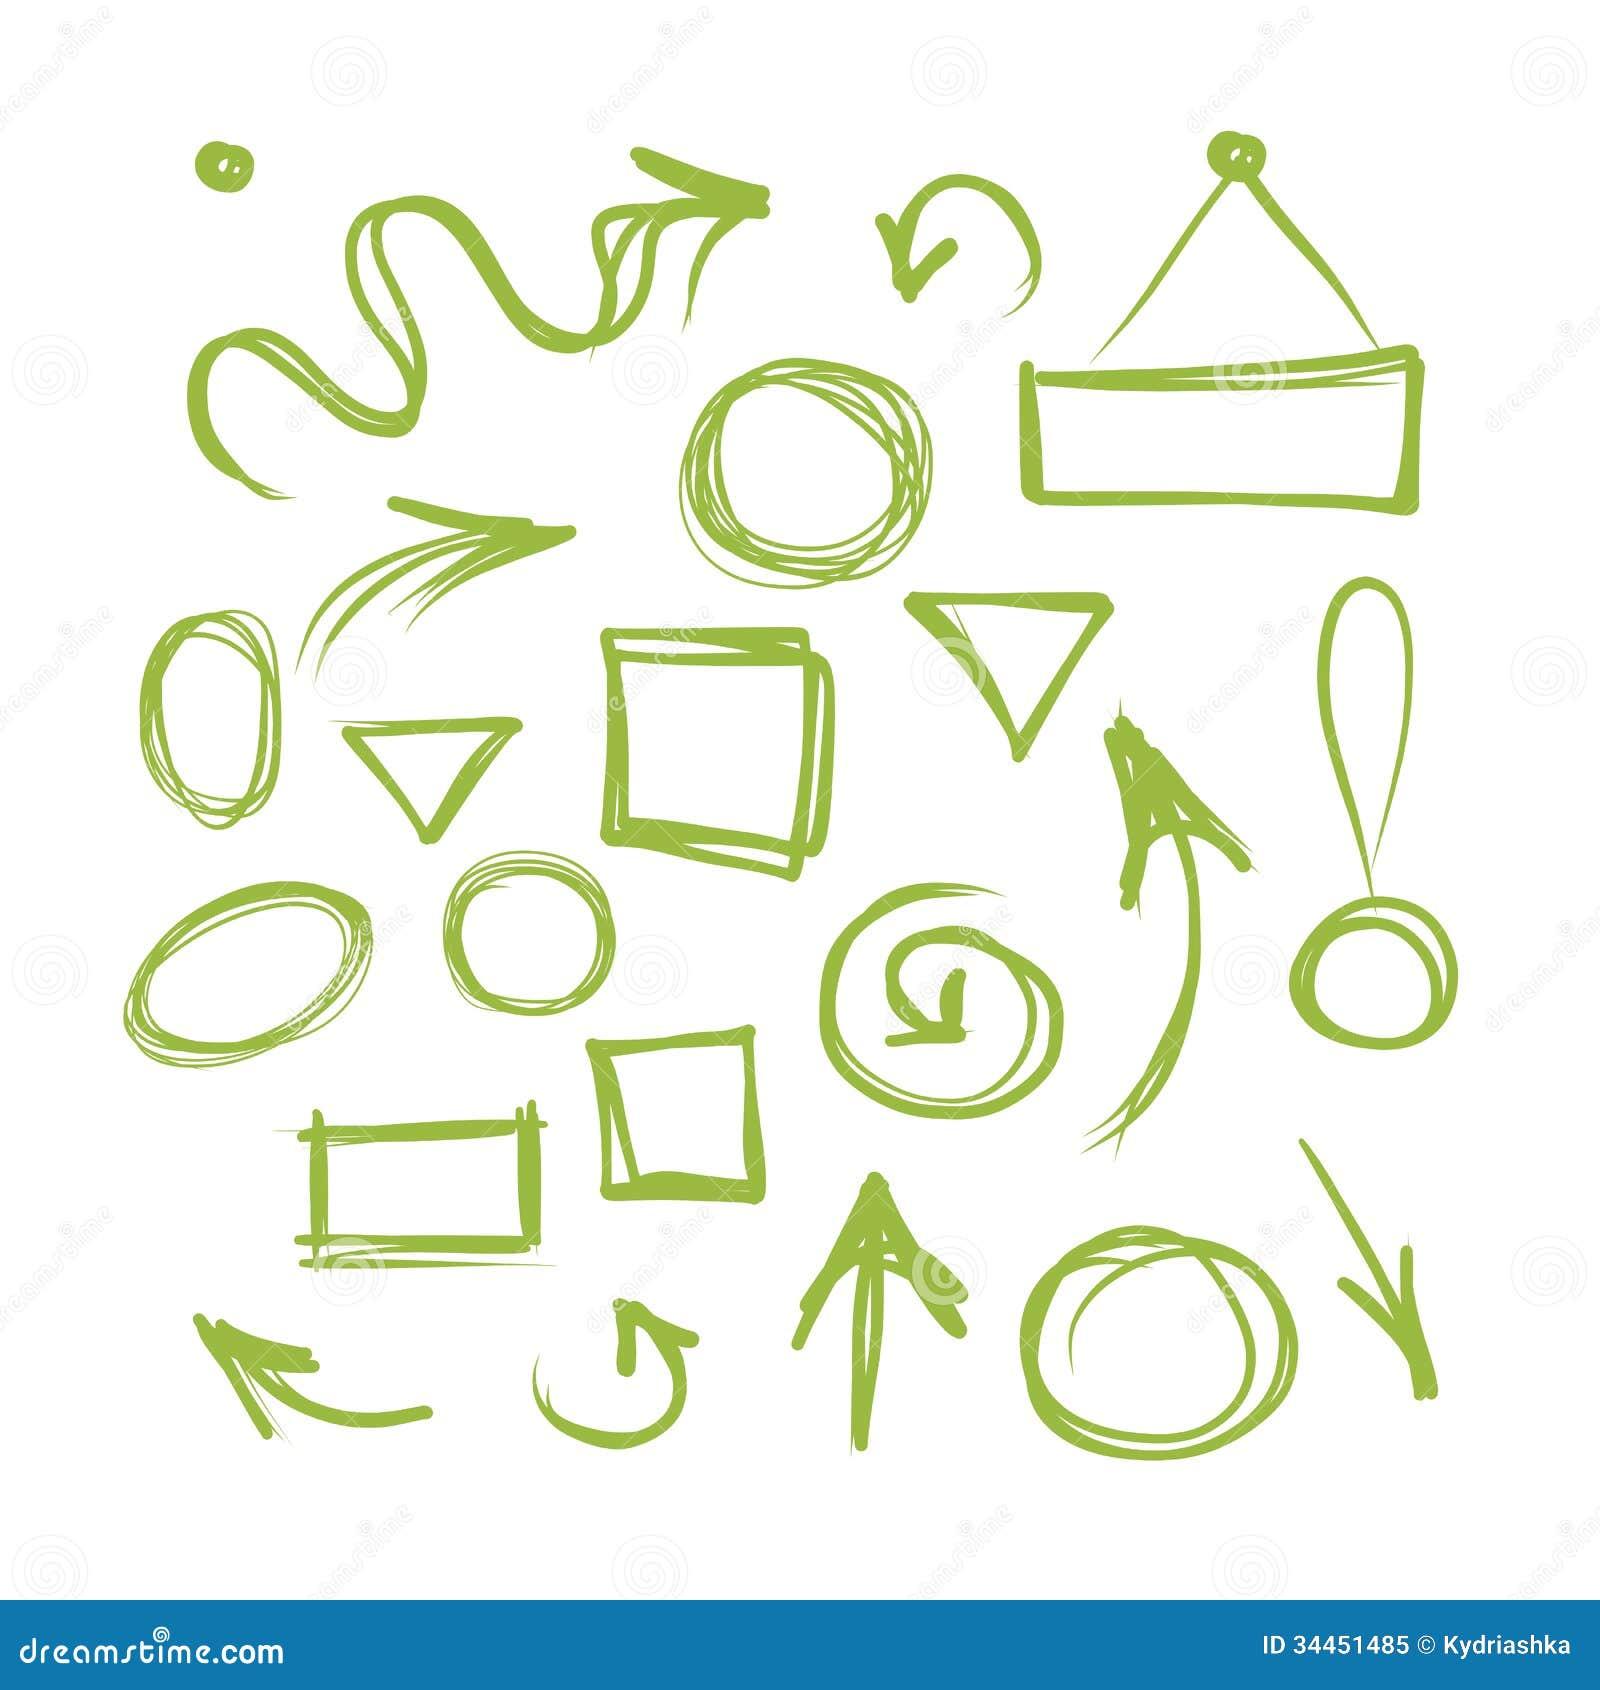 Pfeile Und Rahmen, Skizze Für Ihren Entwurf Vektor Abbildung ...